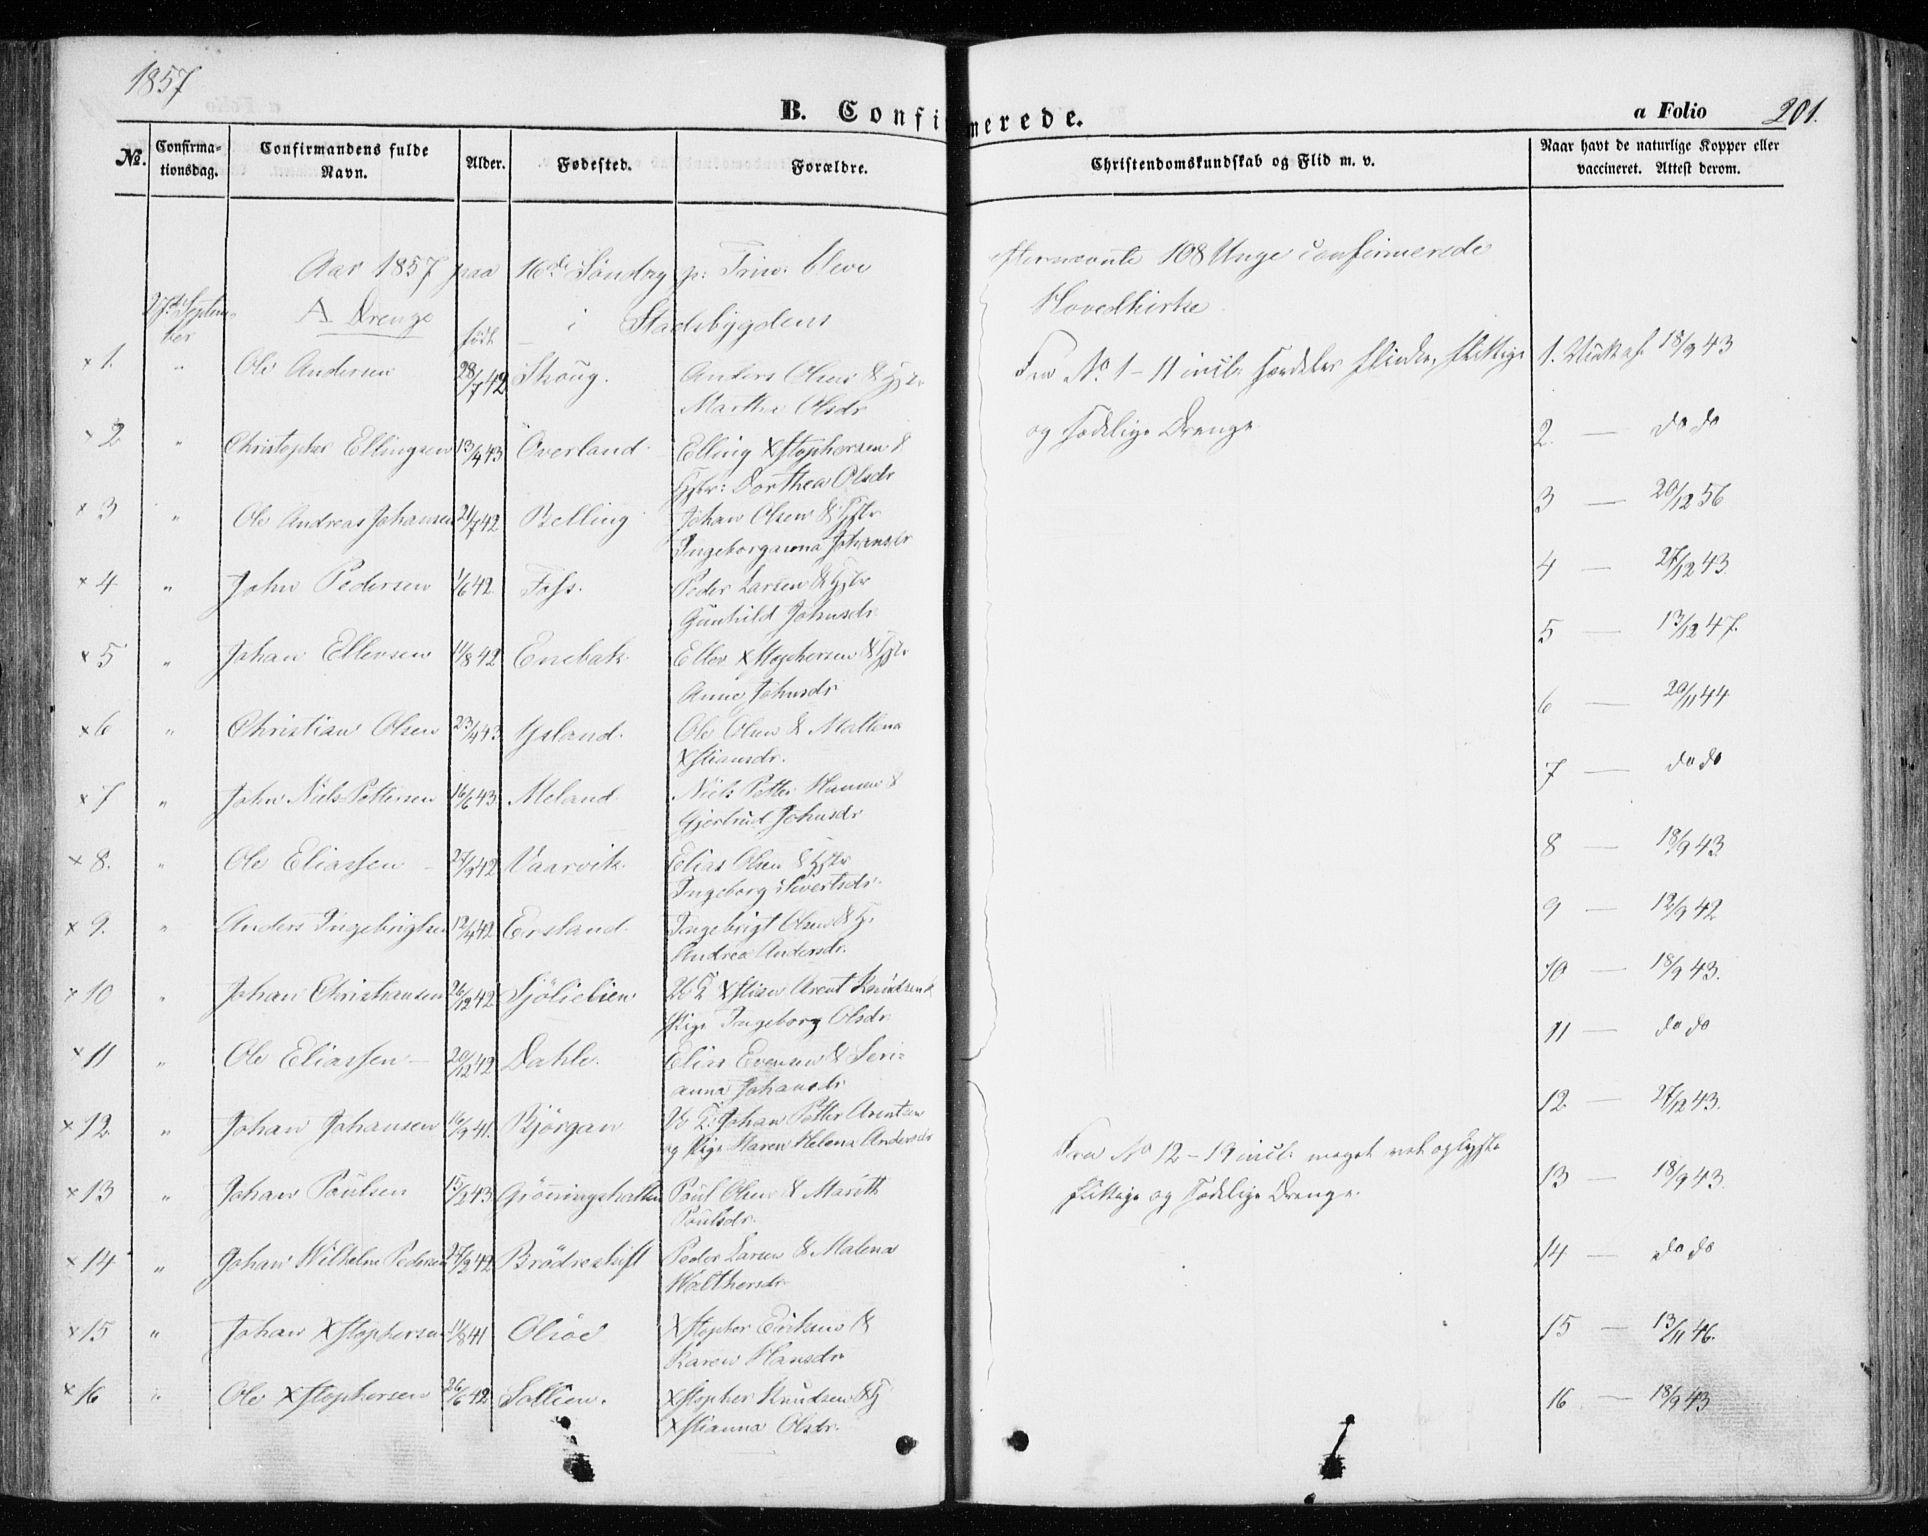 SAT, Ministerialprotokoller, klokkerbøker og fødselsregistre - Sør-Trøndelag, 646/L0611: Ministerialbok nr. 646A09, 1848-1857, s. 201